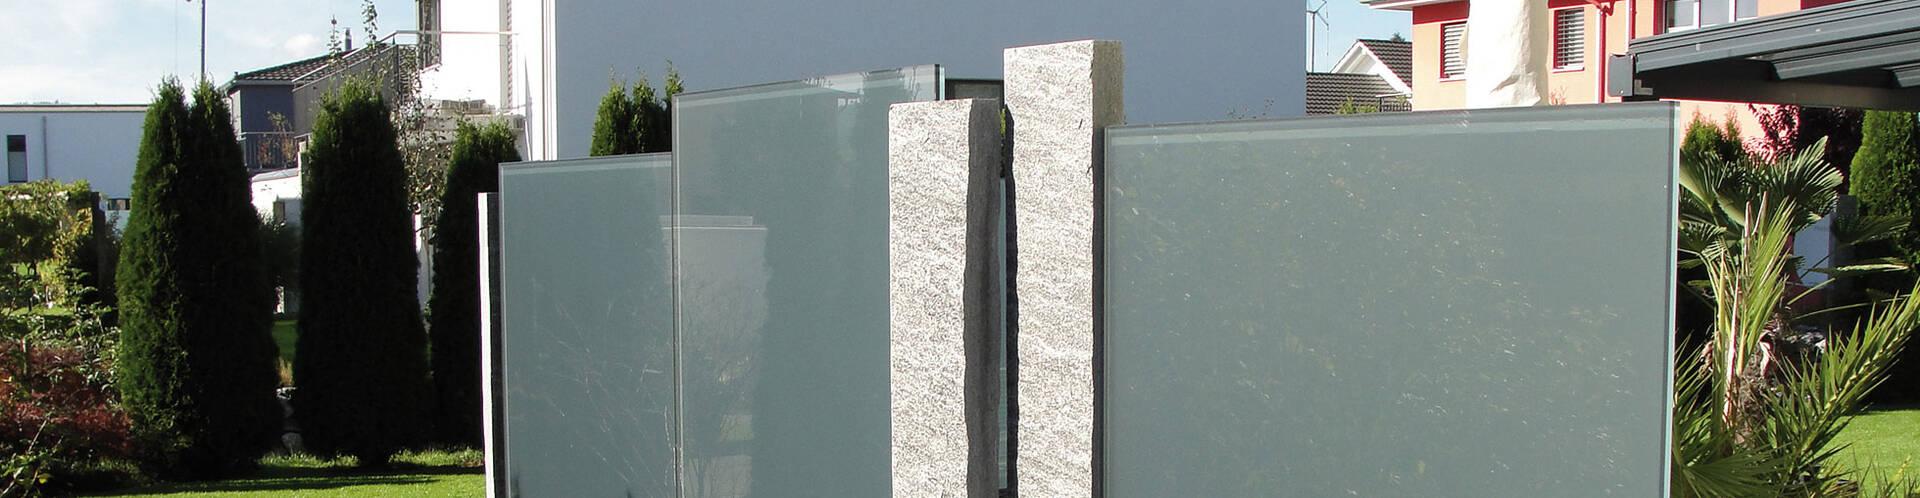 Zaunteam   Sichtschutz Zäune und Tore aus Glas